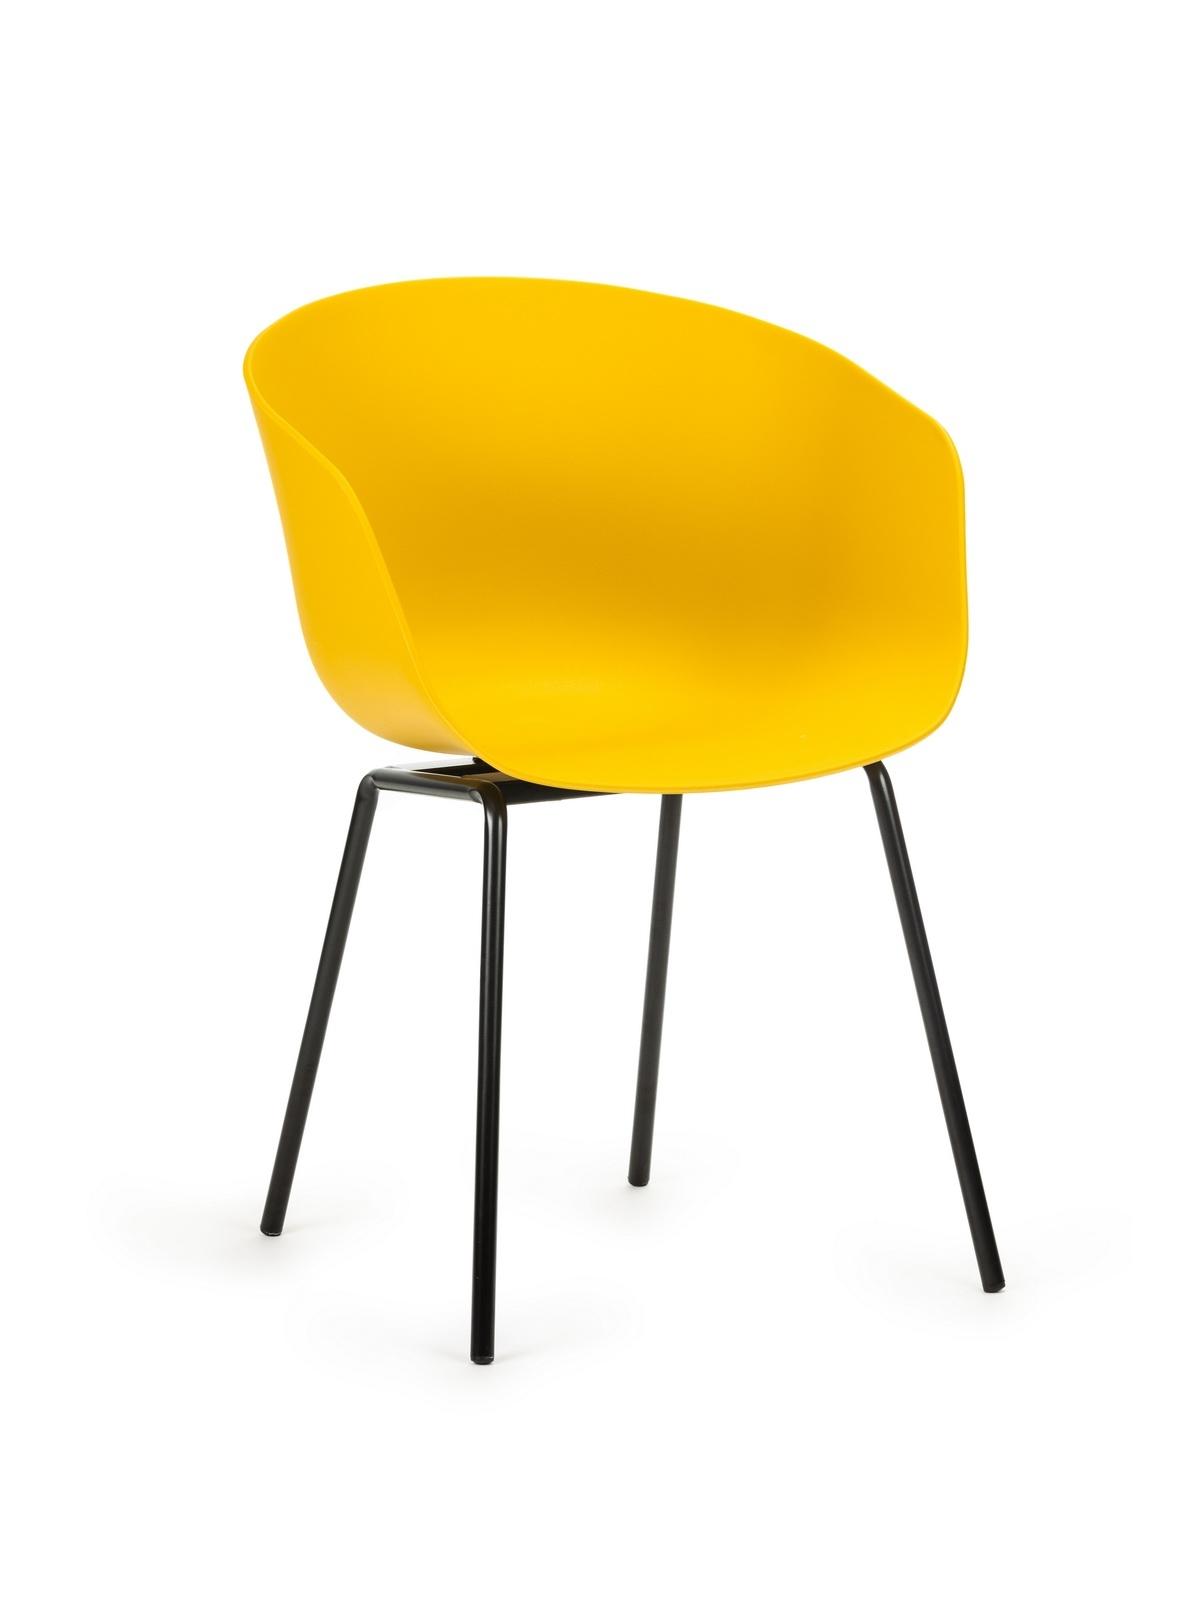 Scaun din plastic, cu picioare metalice Dalida Yellow, l55xA56xH80cm